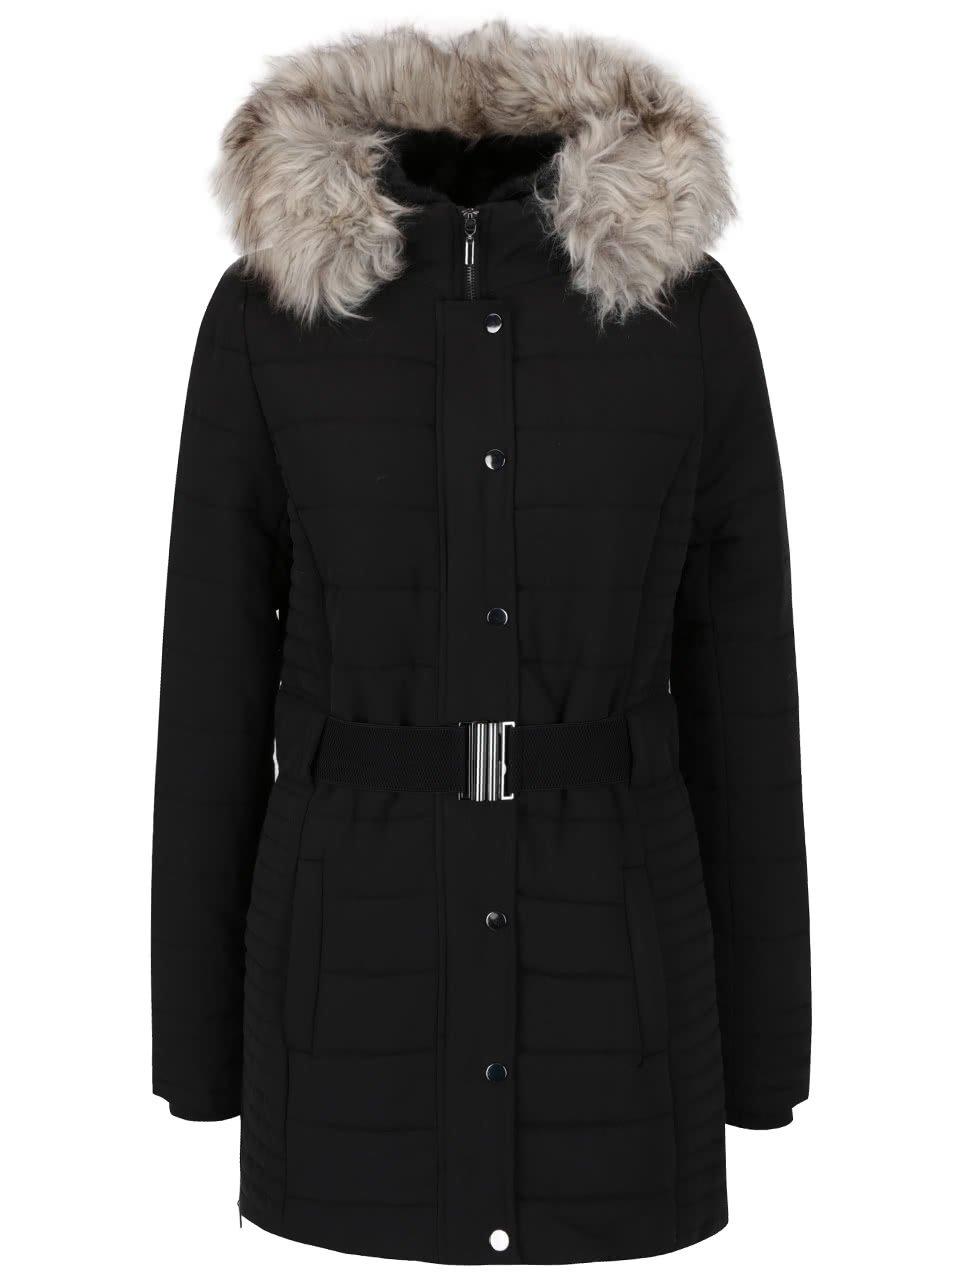 Černý kabát s kapucí a umělým kožíškem TALLY WEIJL